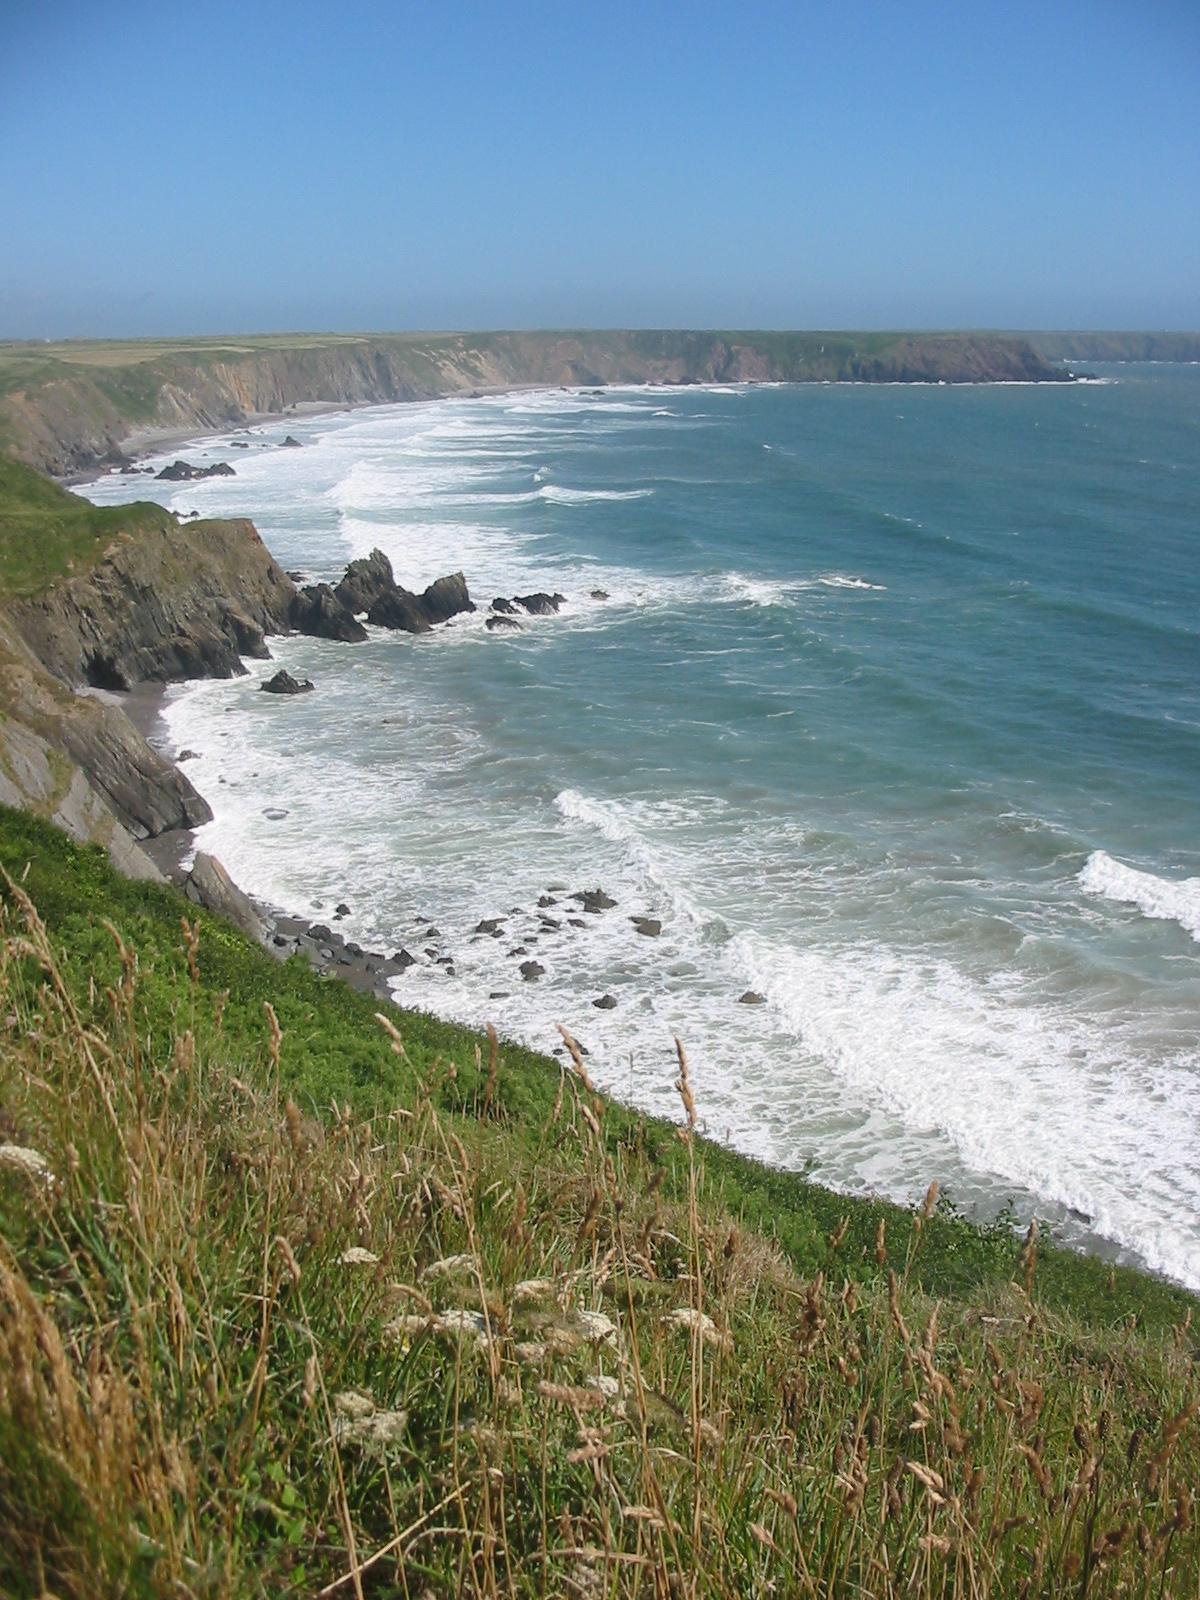 File:Marloes peninsula, Pembrokeshire coast, Wales, UK.JPG ...